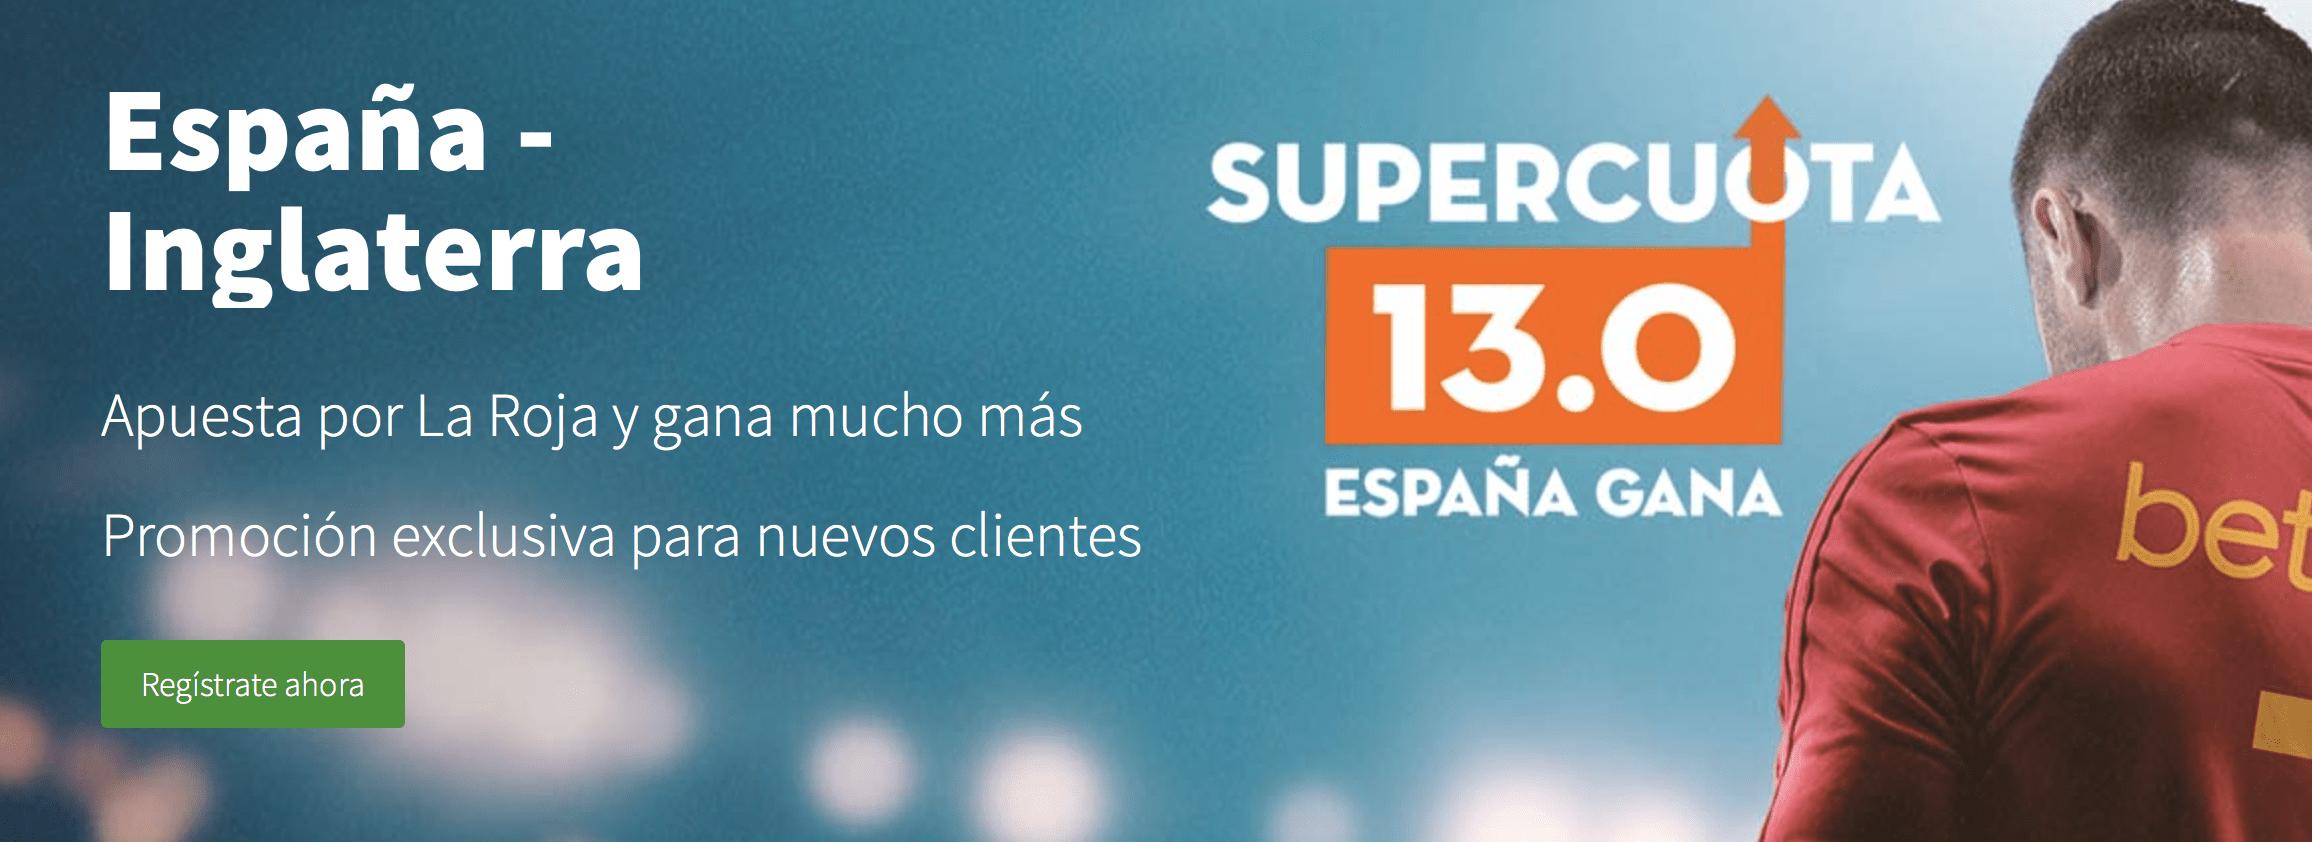 Supercuotas betsson España - Inglaterra